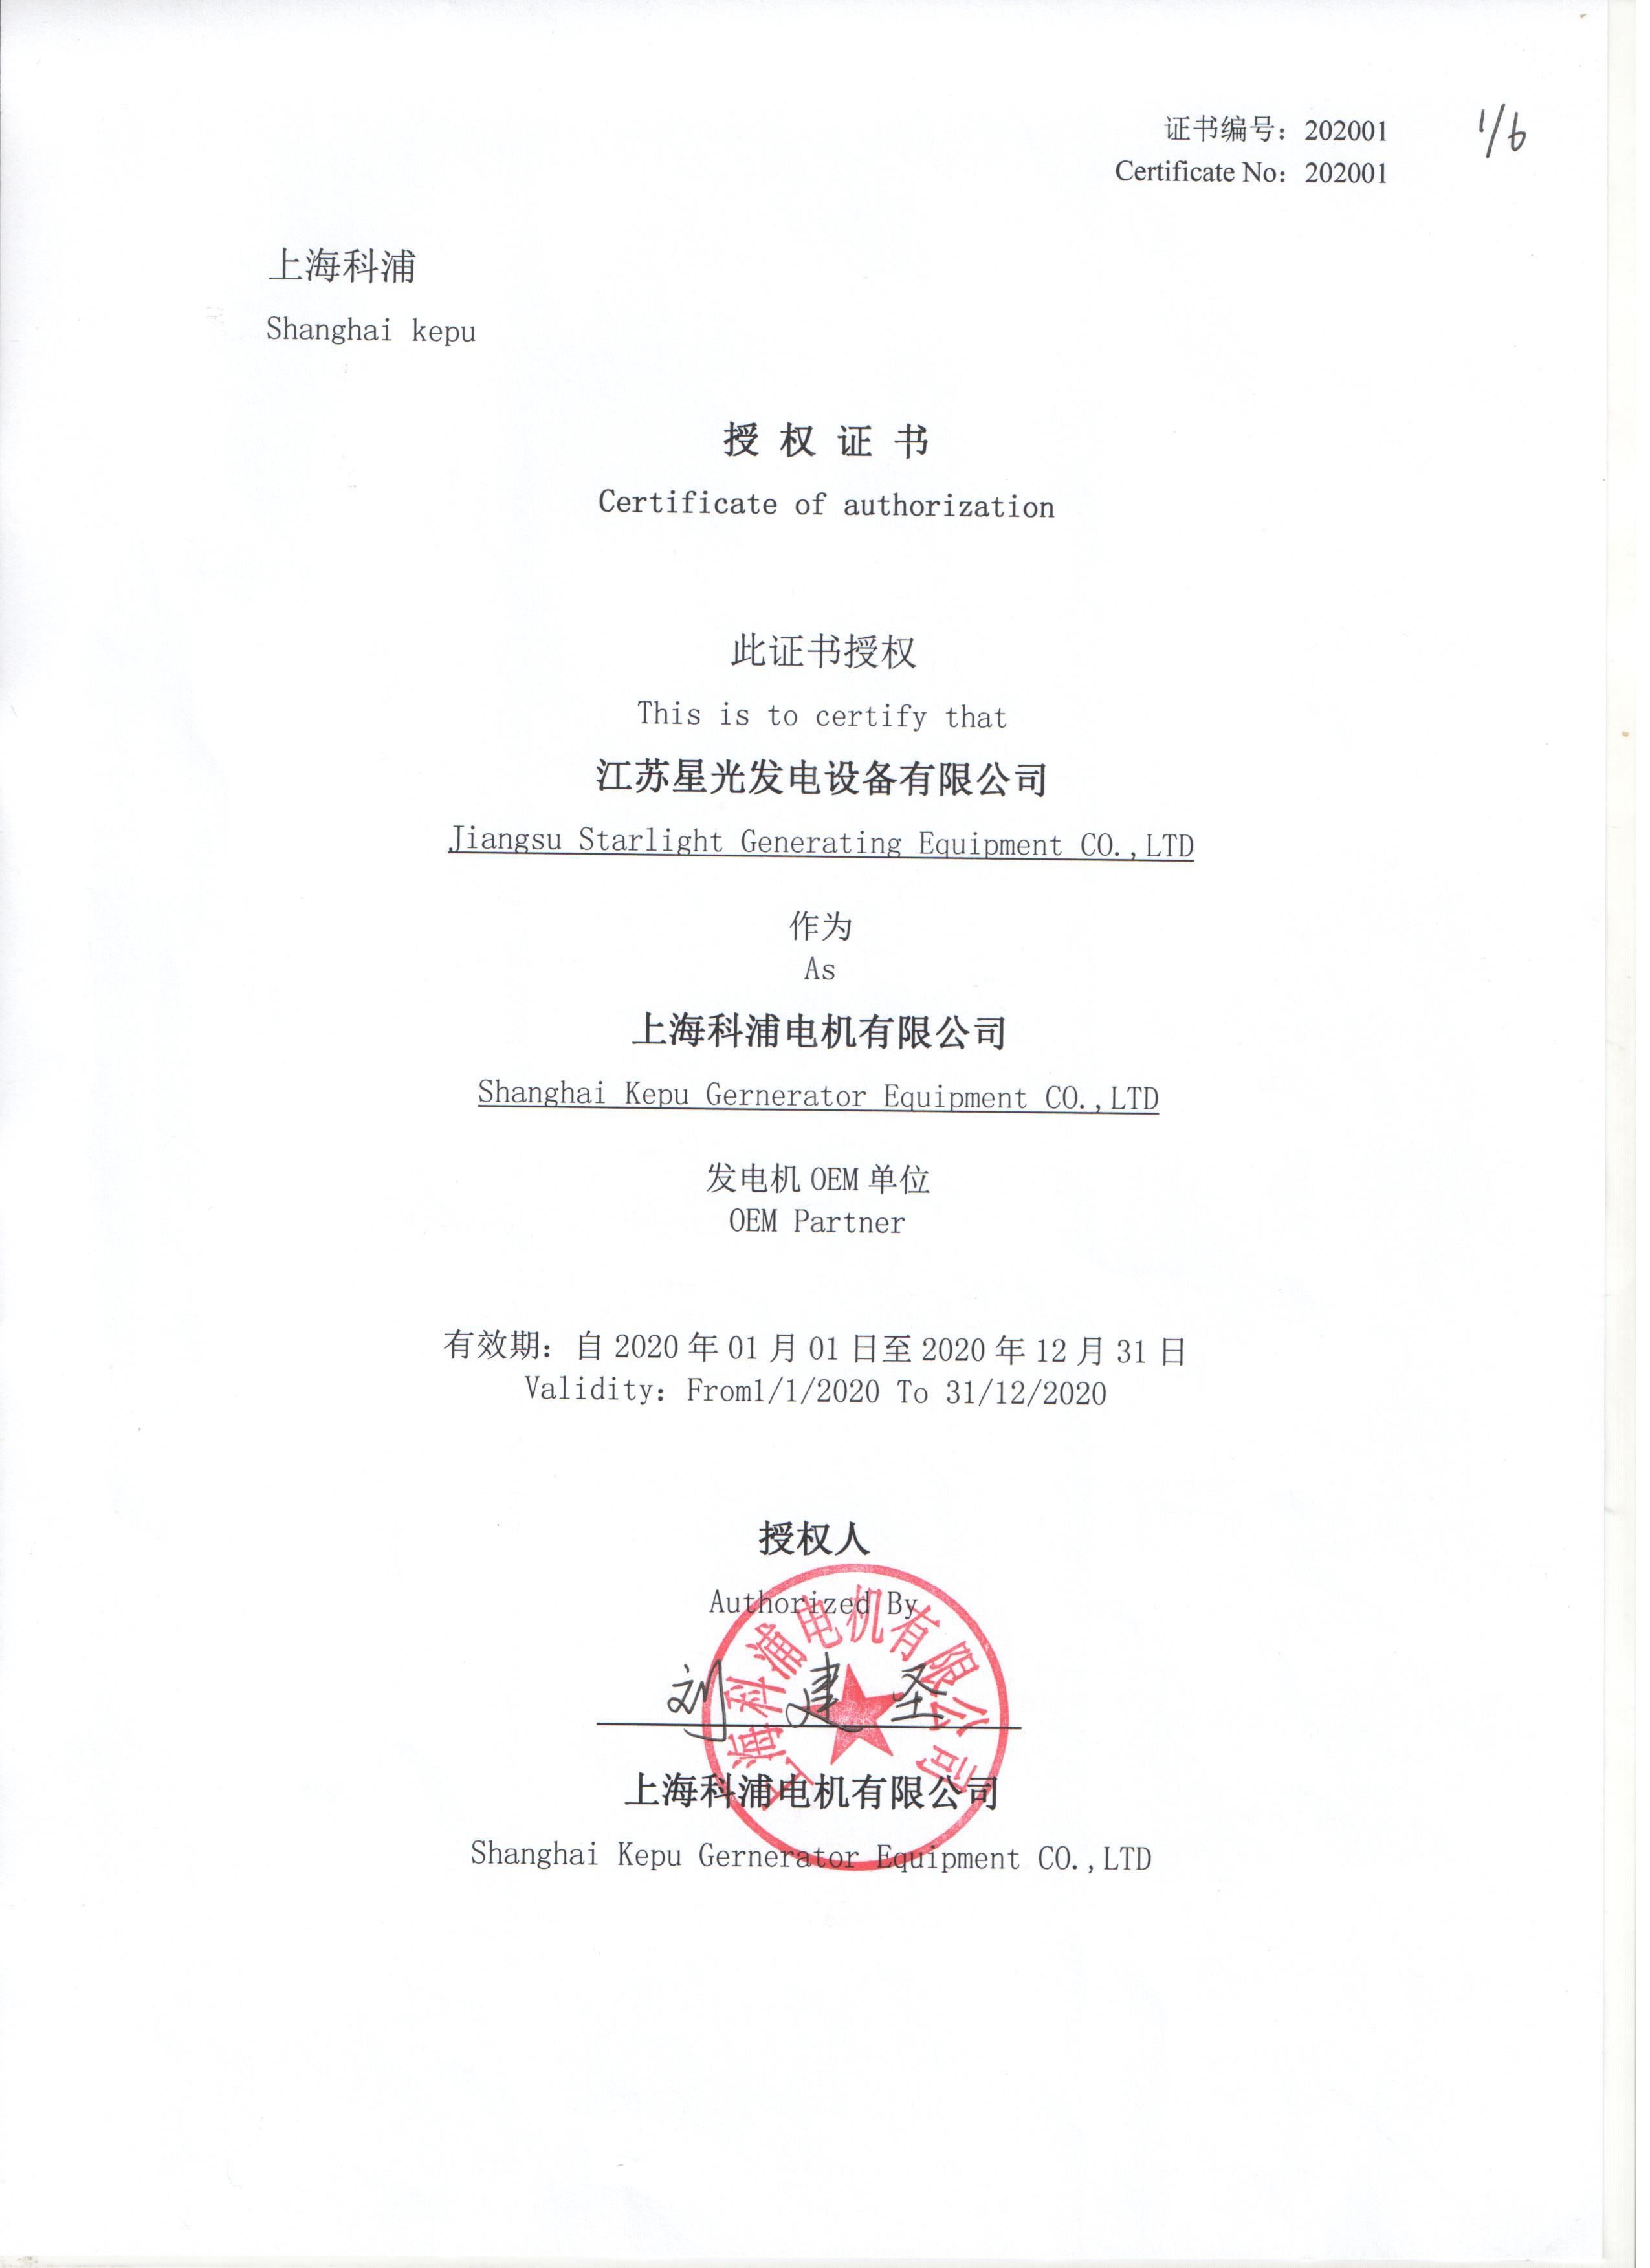 上海科浦授权证书